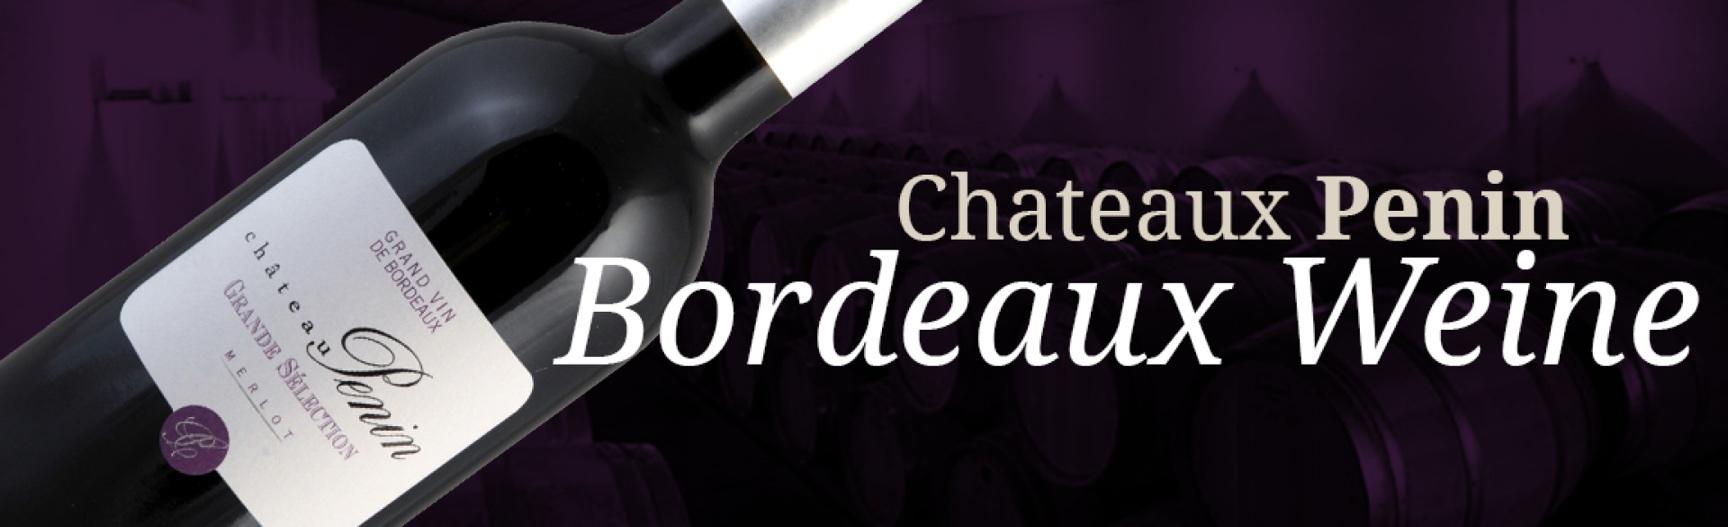 Bordeaux Weine bei Chateau Penin